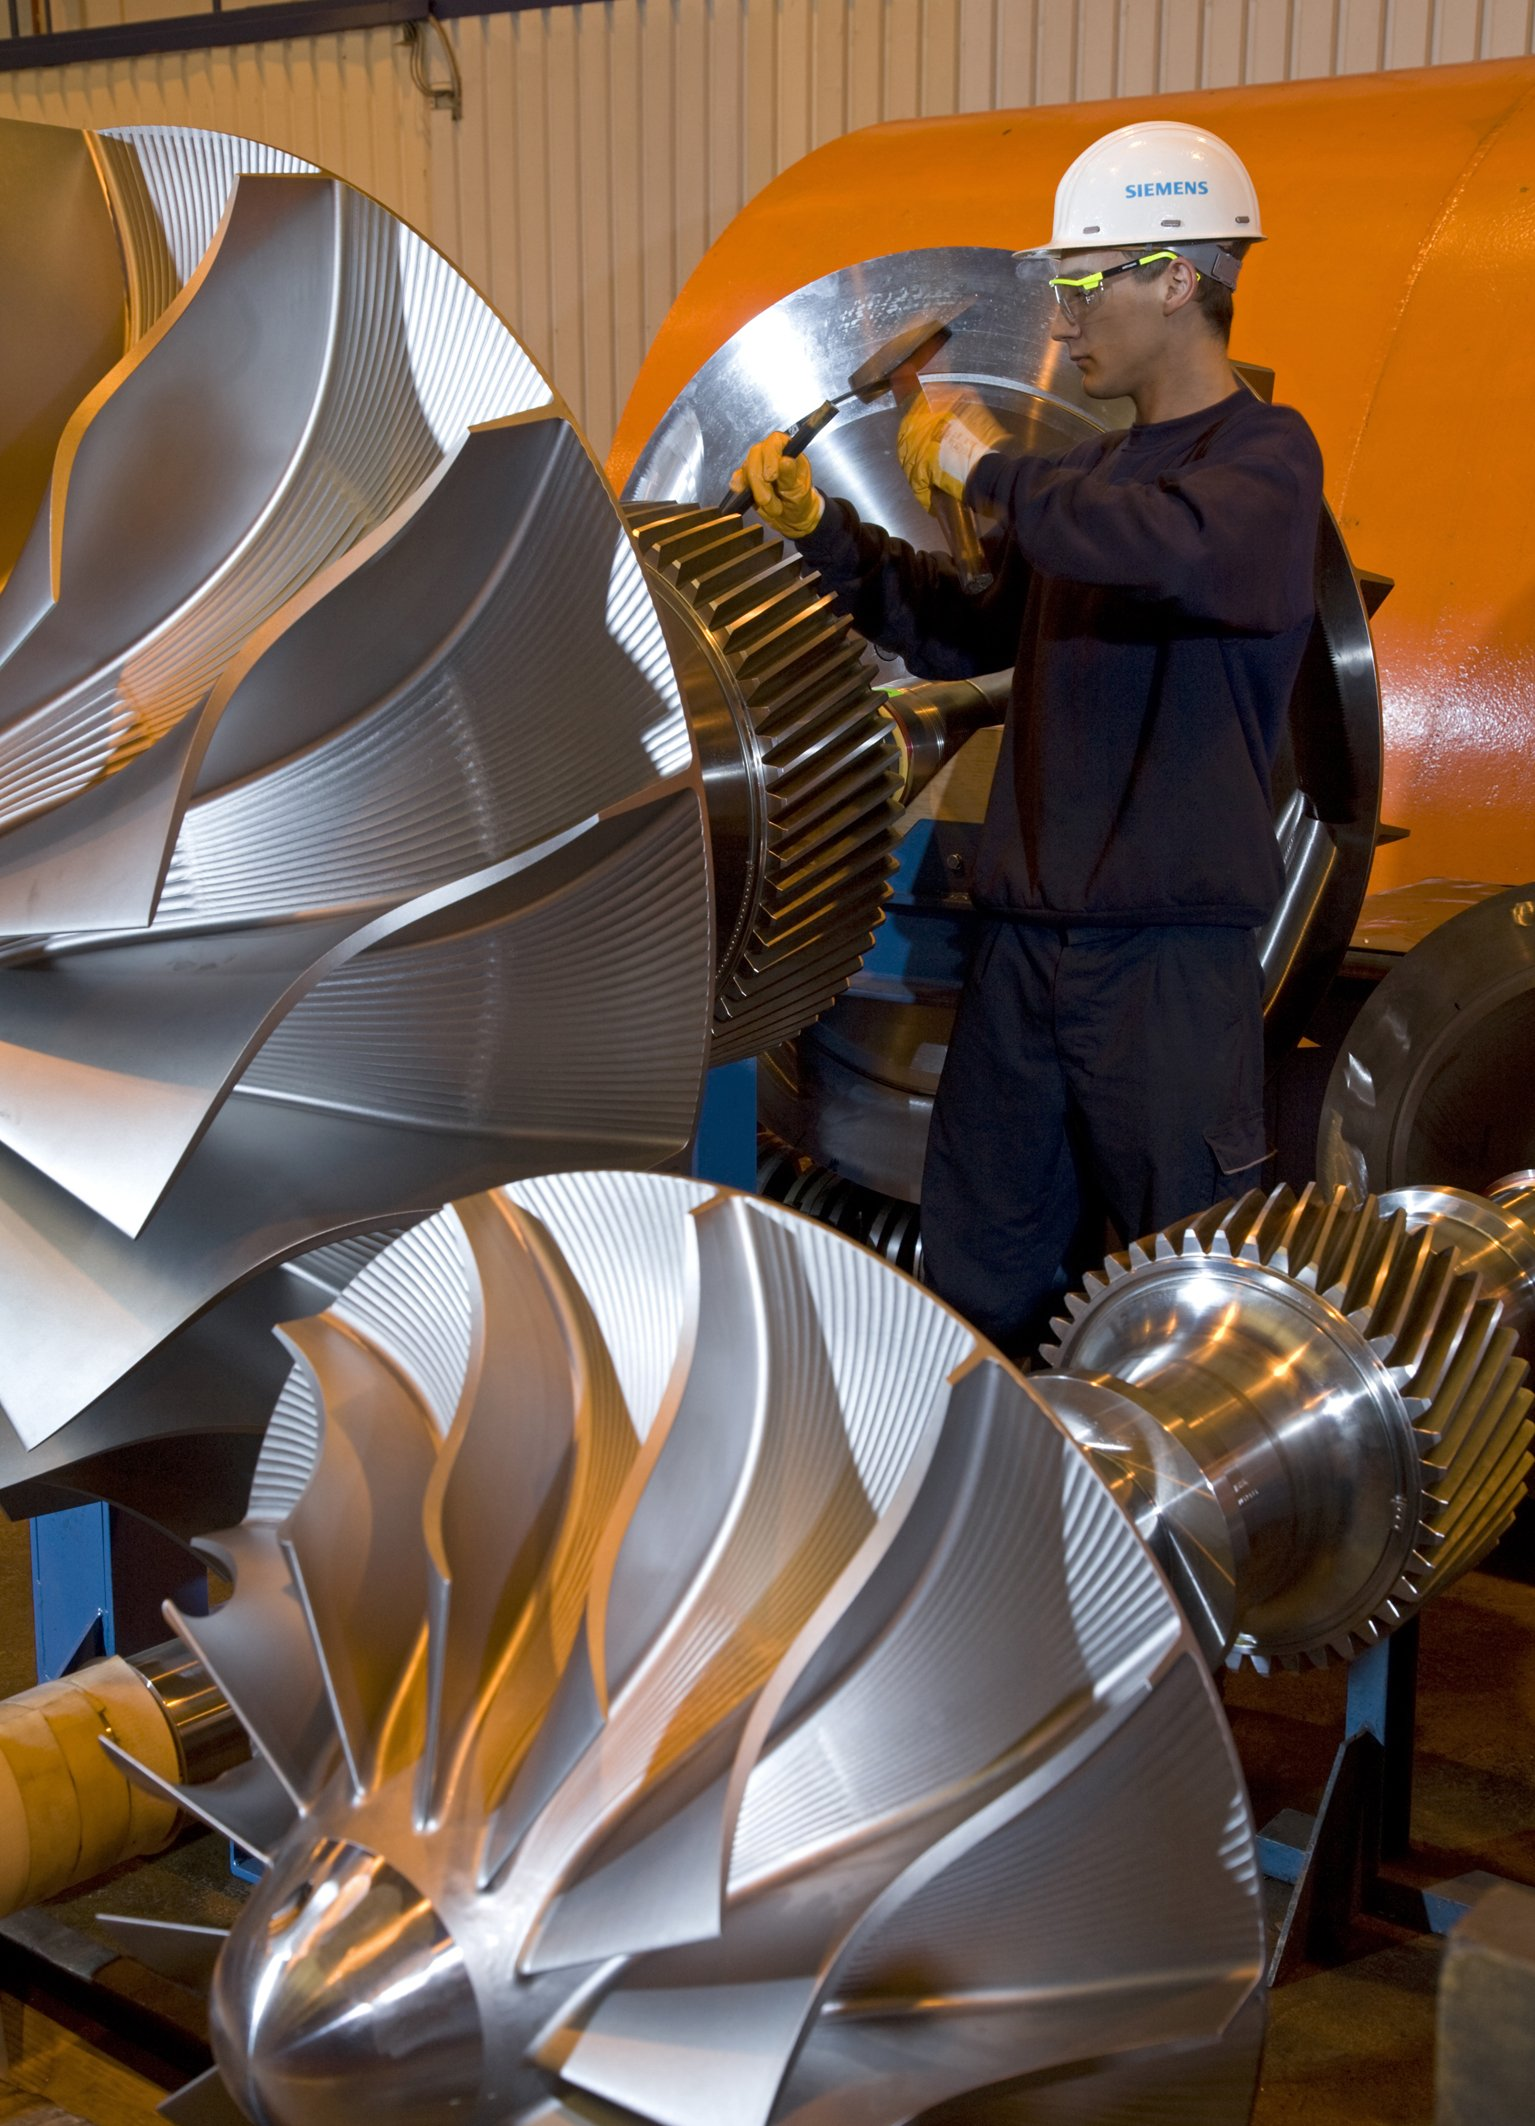 CO2-Verdichterder Firma Siemens, die das in Kraftwerken abgetrennte Kohlendioxid unter hohem Druck zusammenpressen.Die mannshohen Laufräder saugen kubikmeterweise Gase an und pressen sie auf 50 bar und mehr zusammen. So viel Druck herrscht in 500 Metern Wassertiefe. Japan will künftig Kohlendioxid aus Kohlekraftwerken im Meeresboden verpressen.